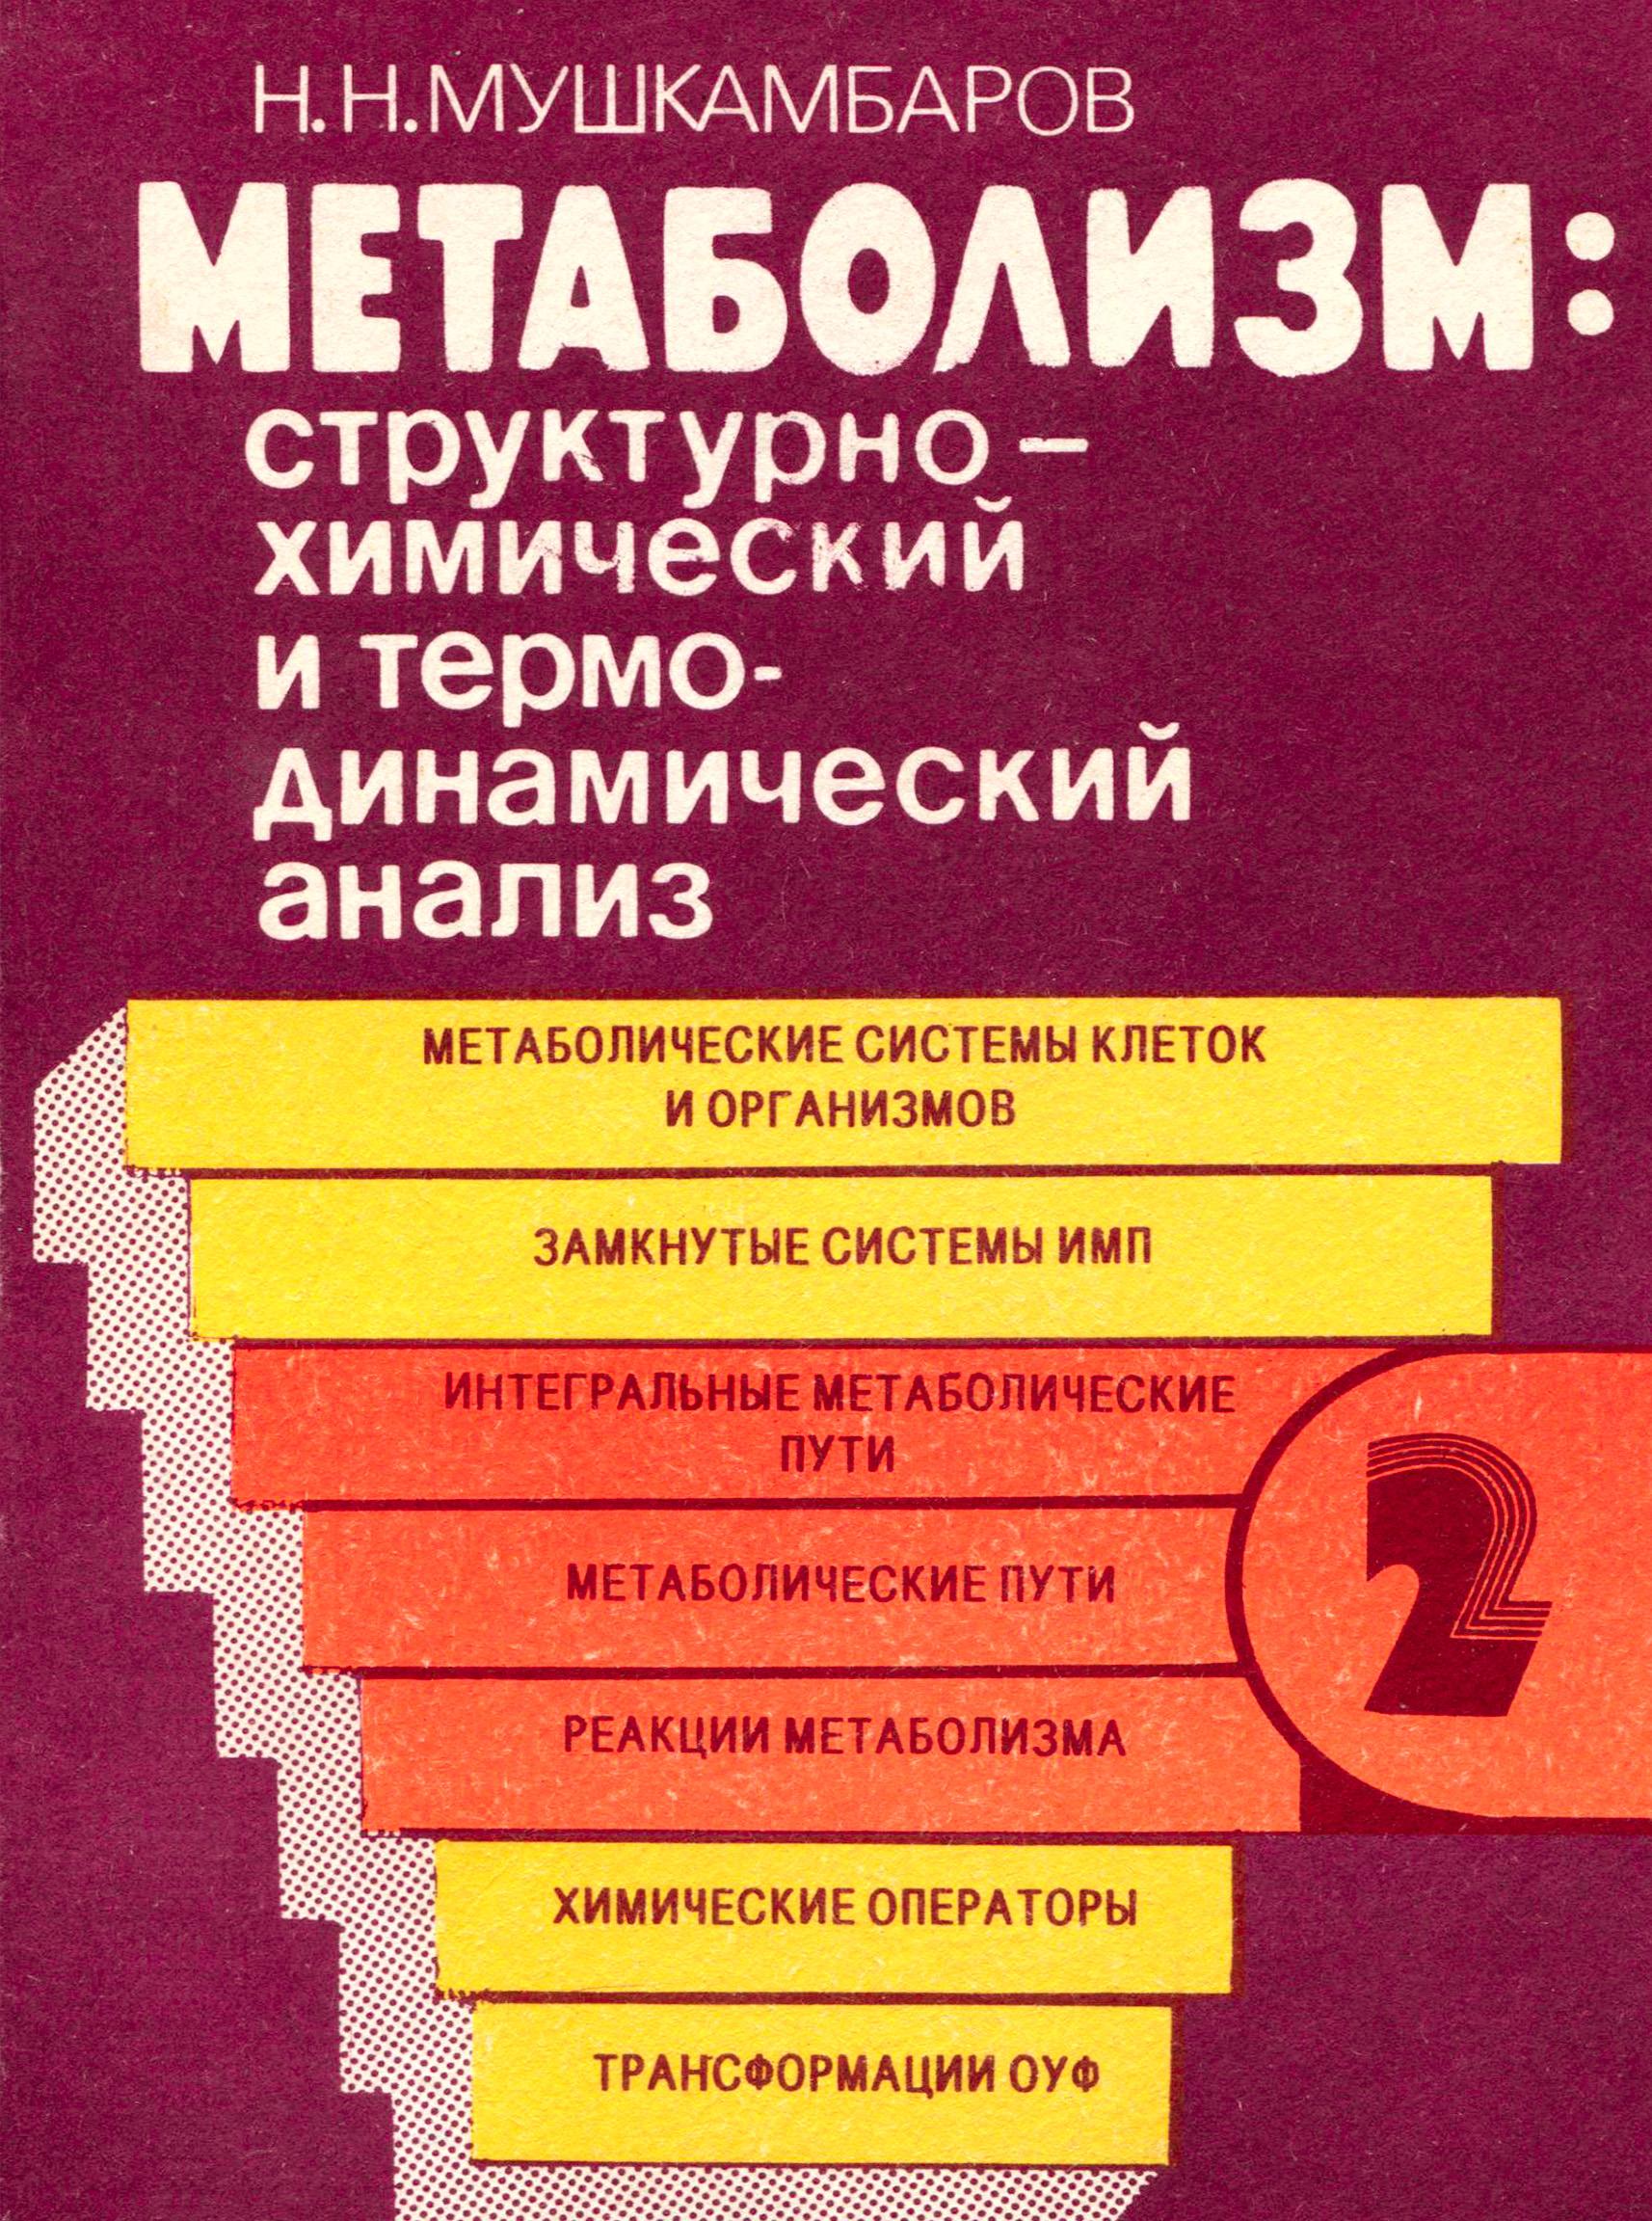 Н. Н. Мушкамбаров Метаболизм: структурно-химический и термодинамический анализ. Том 2